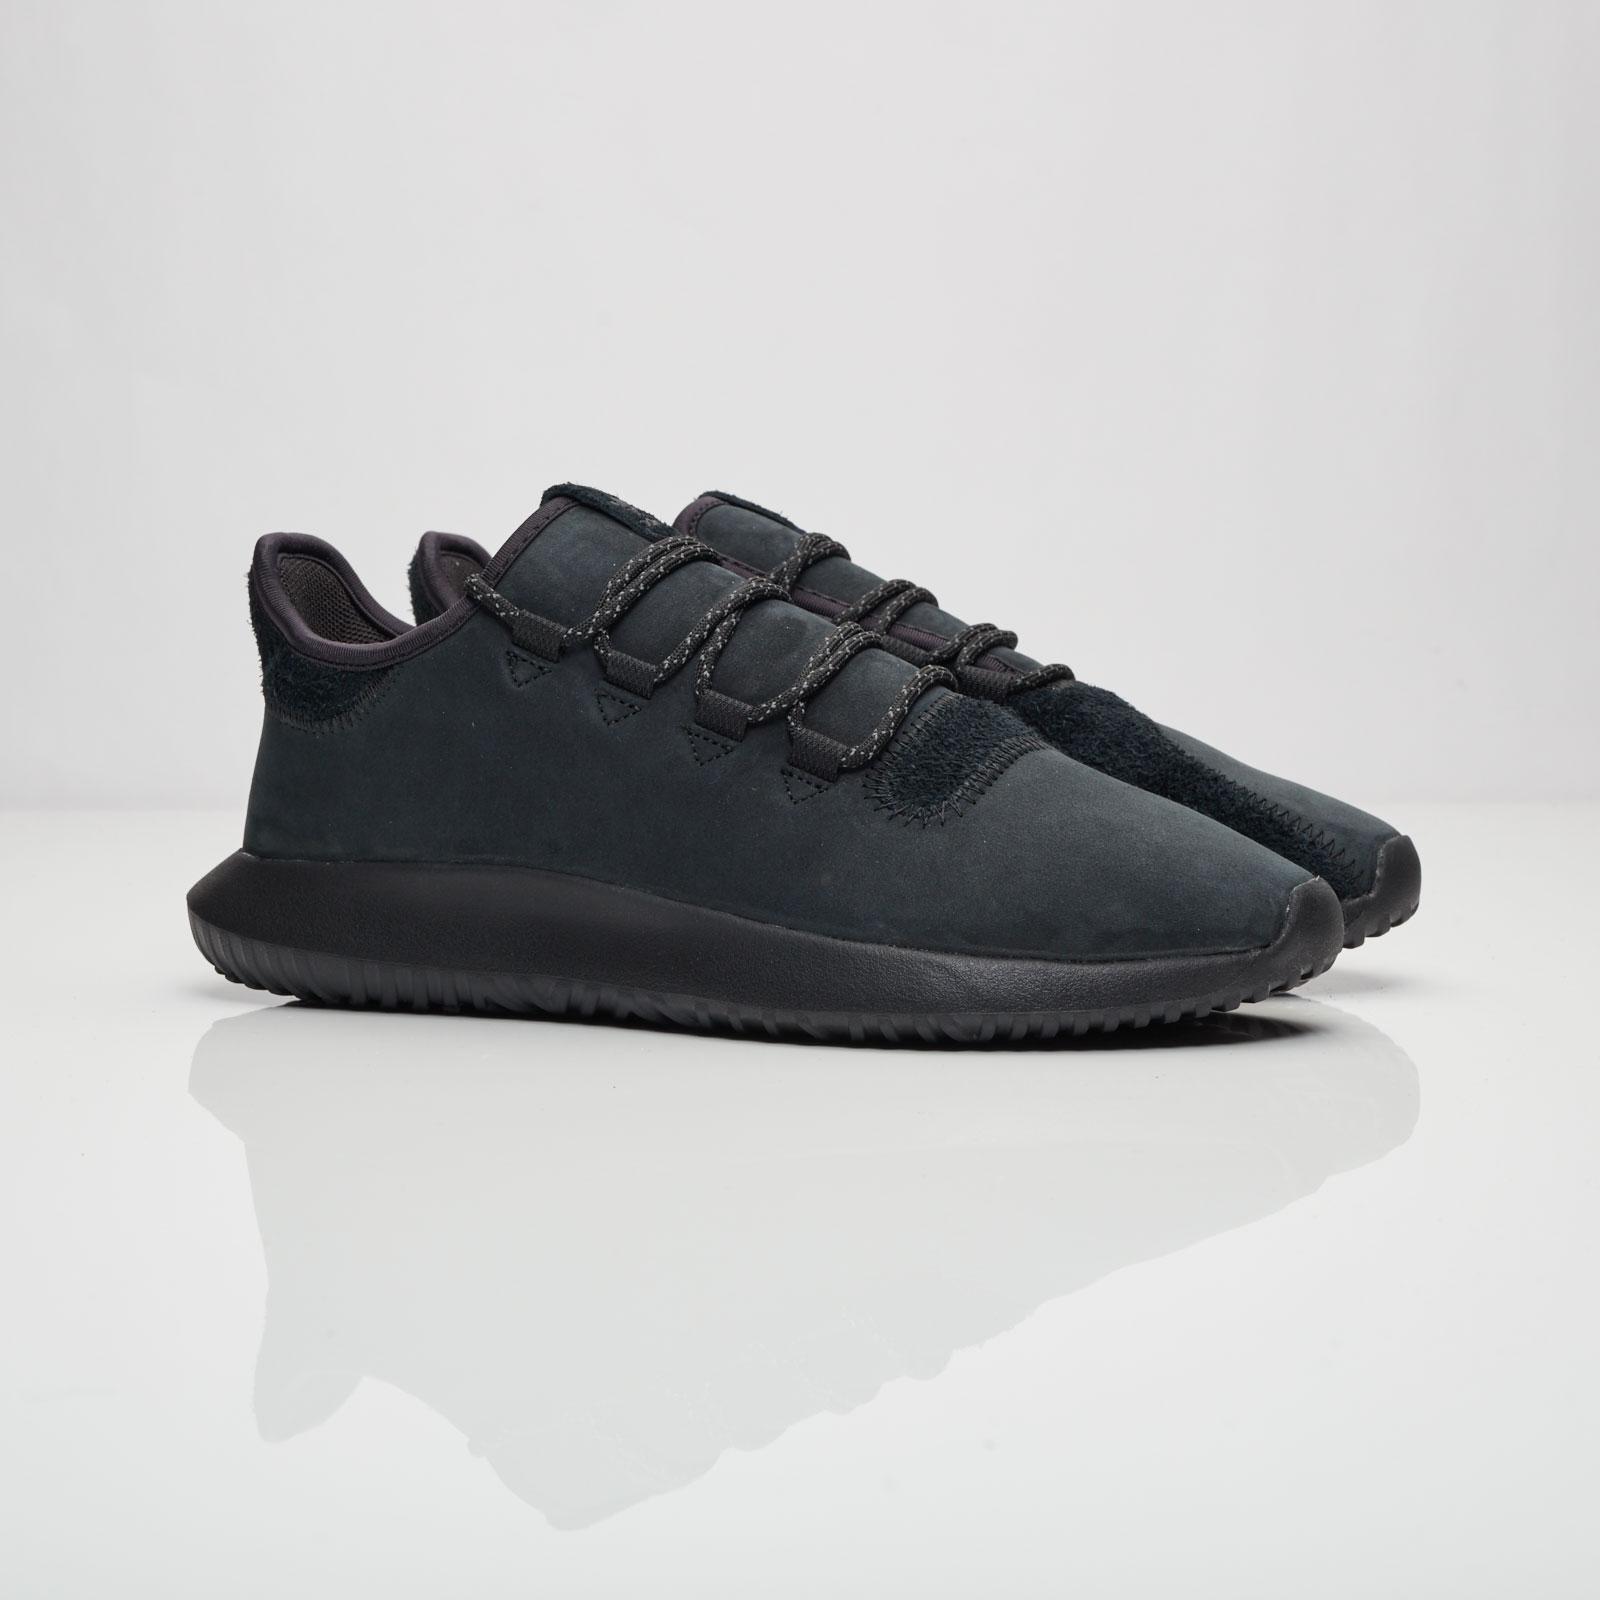 Adidas Zapatillas de sneakersnstuff bb8942 tubular de sombra